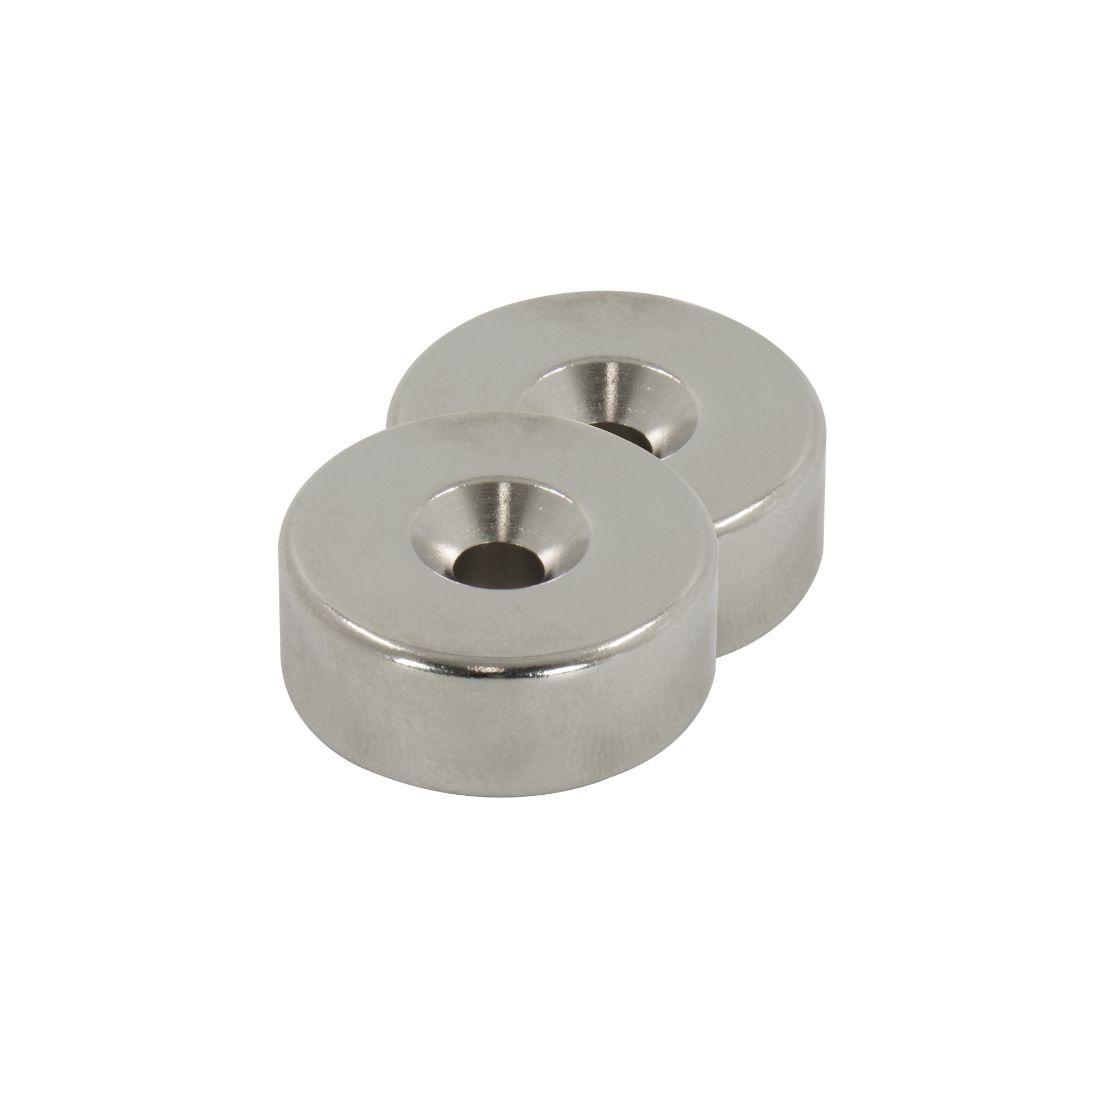 Extra Strength Door Magnet 25 diameter x 10mm